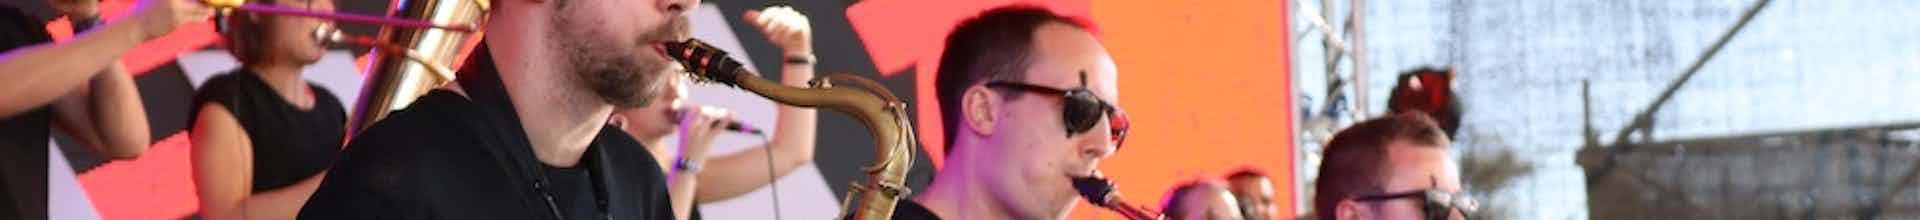 Brassband boeken 1.jpg